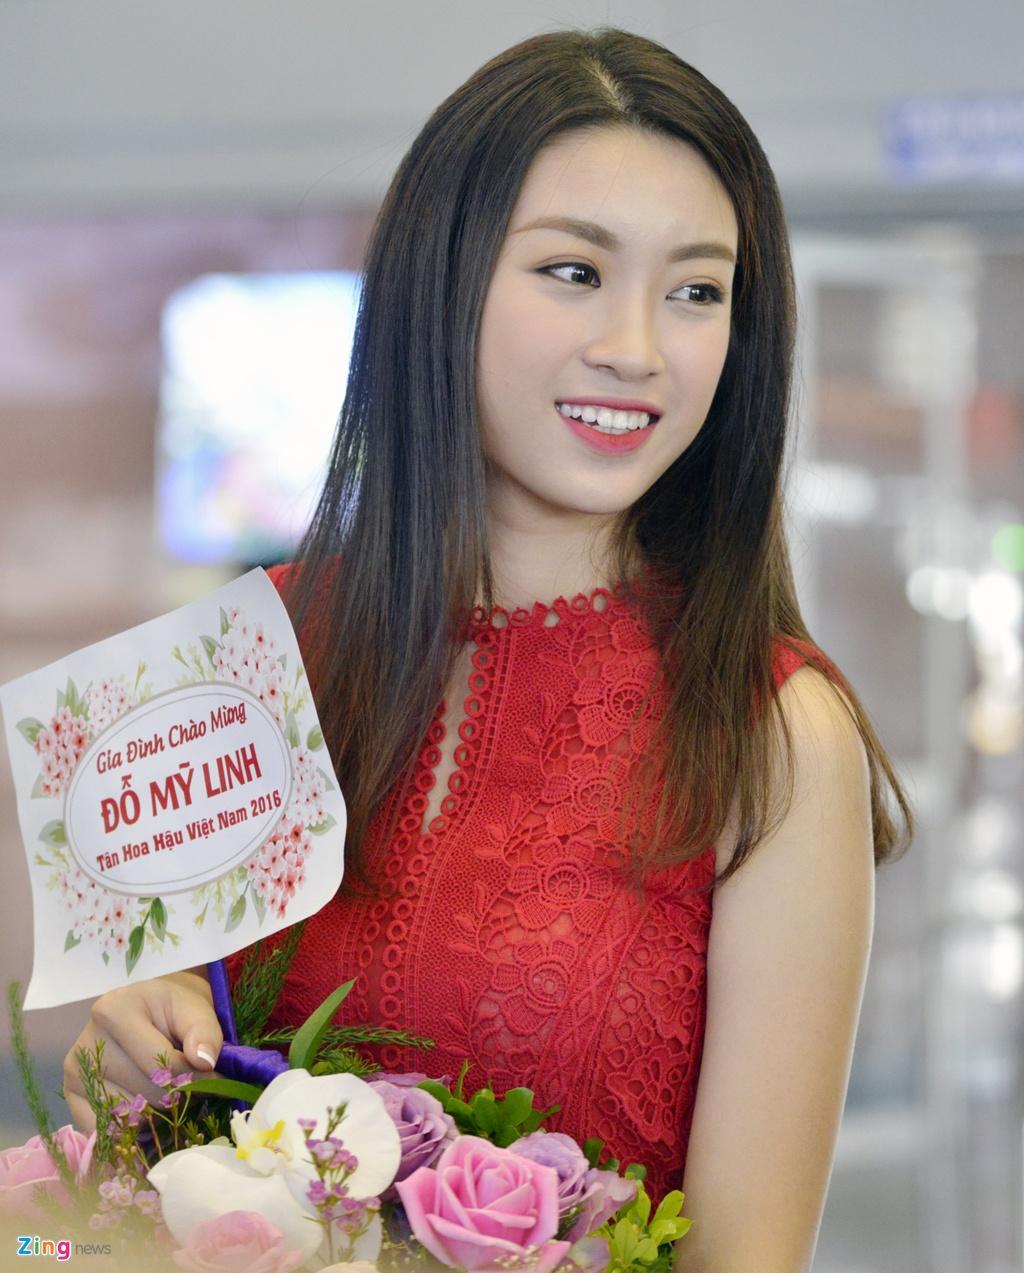 Hoa hau Do My Linh duoc chao don tai san bay Noi Bai hinh anh 3